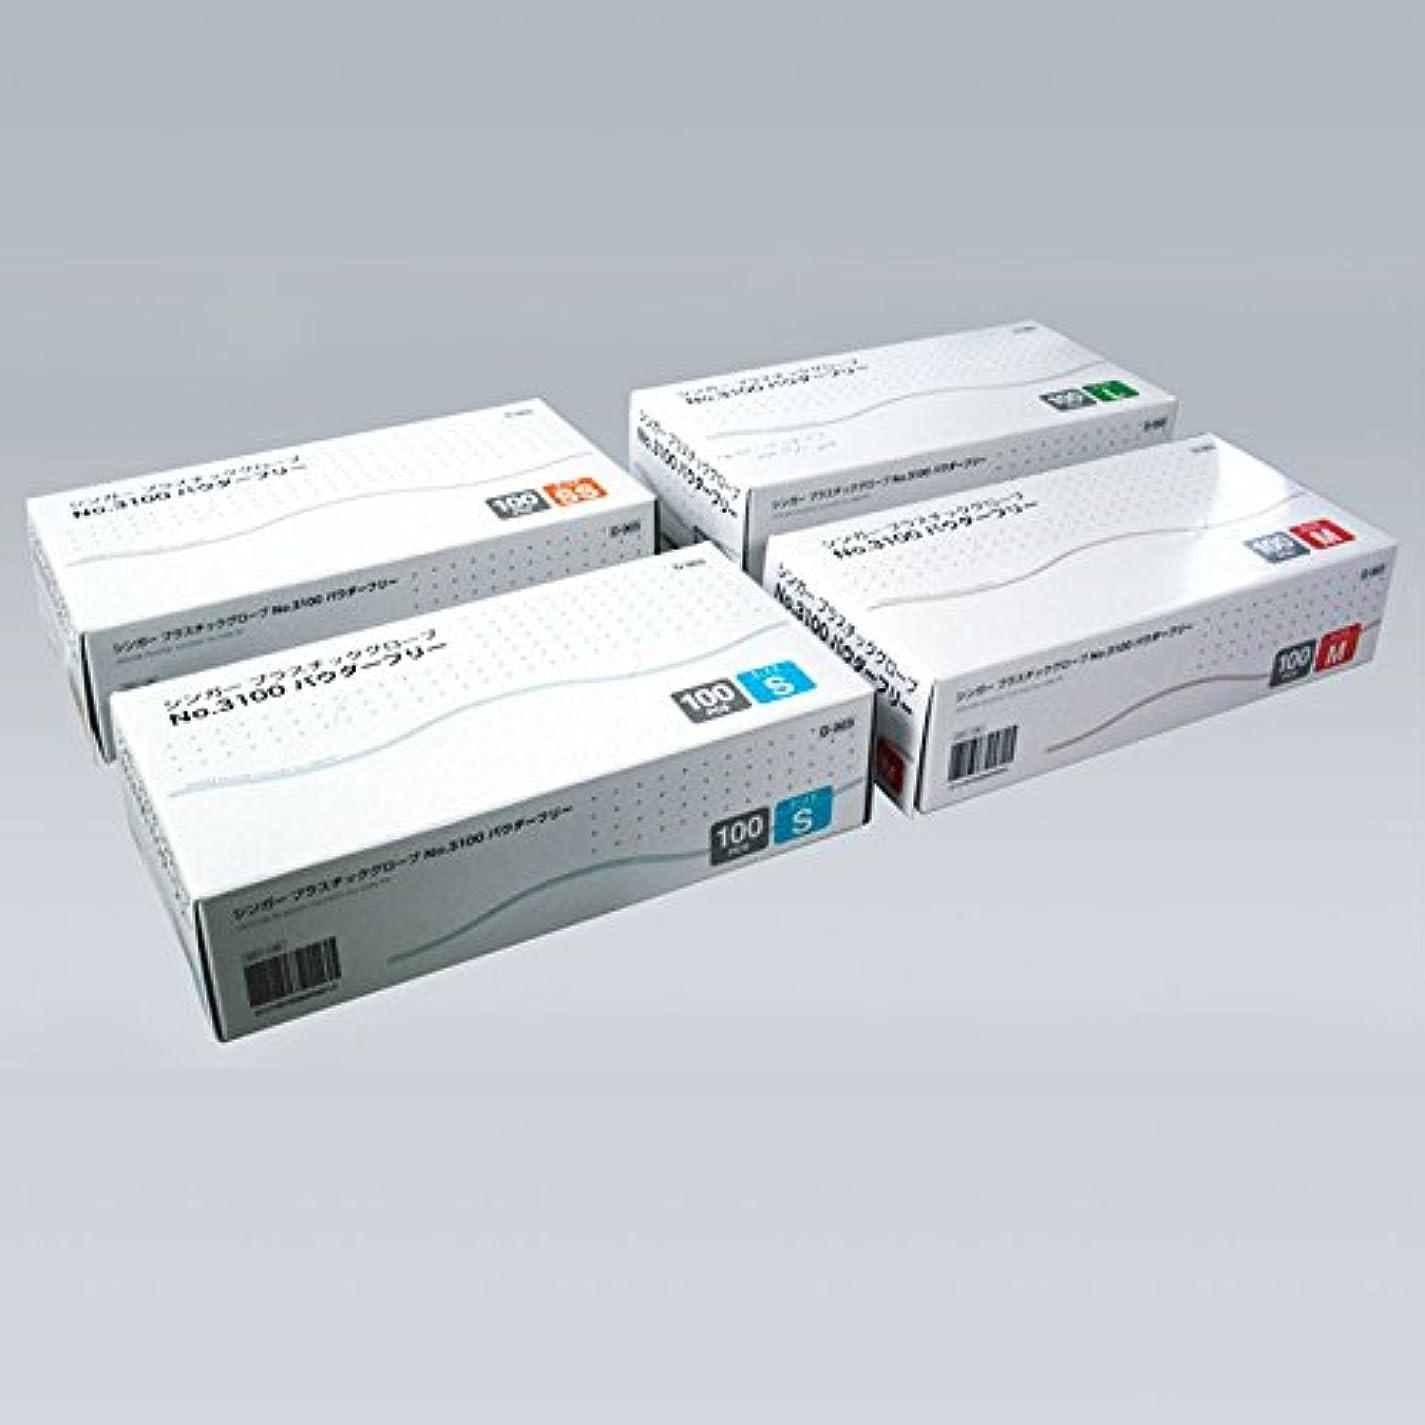 北膨らませる安価なシンガープラスチックグローブNo3100 パウダーフリー1000枚 (100枚入り×10箱) (L)